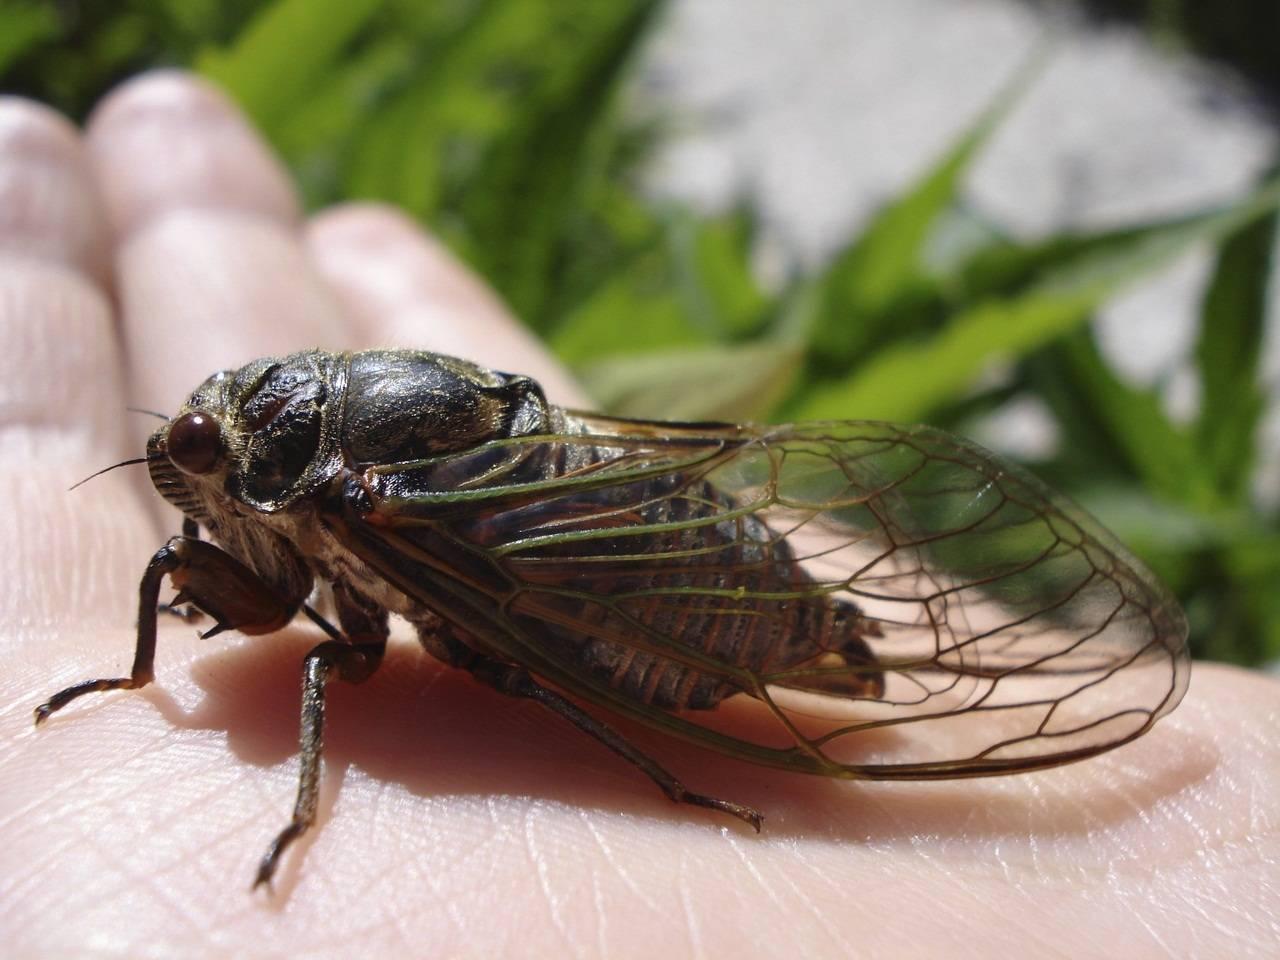 Скорость мухи в полёте: какая максимальная и для чего мухам большая скорость?